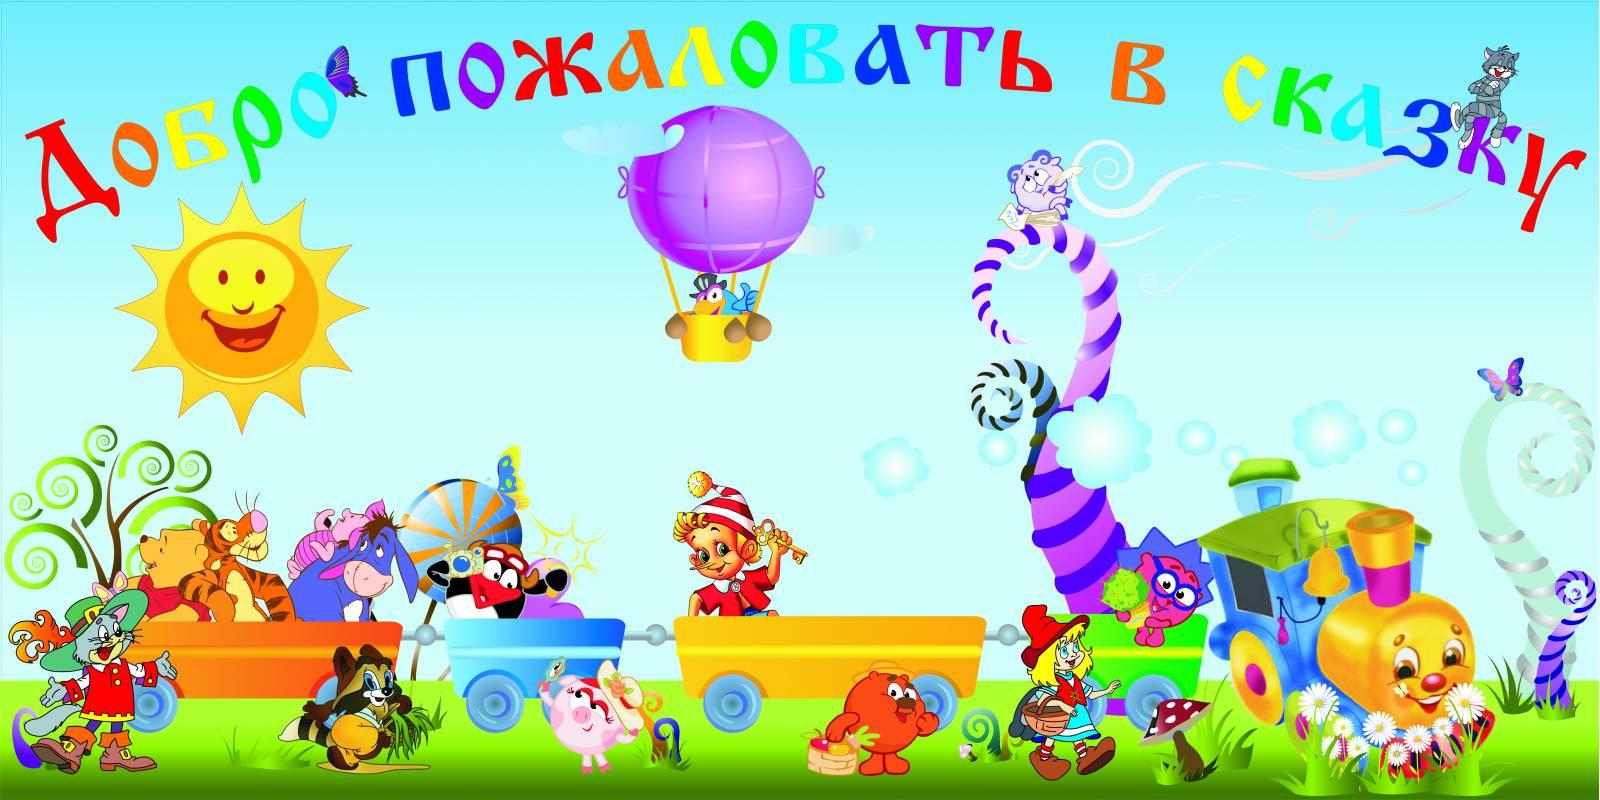 Картинки о спорте для детского сада скачать бесплатно